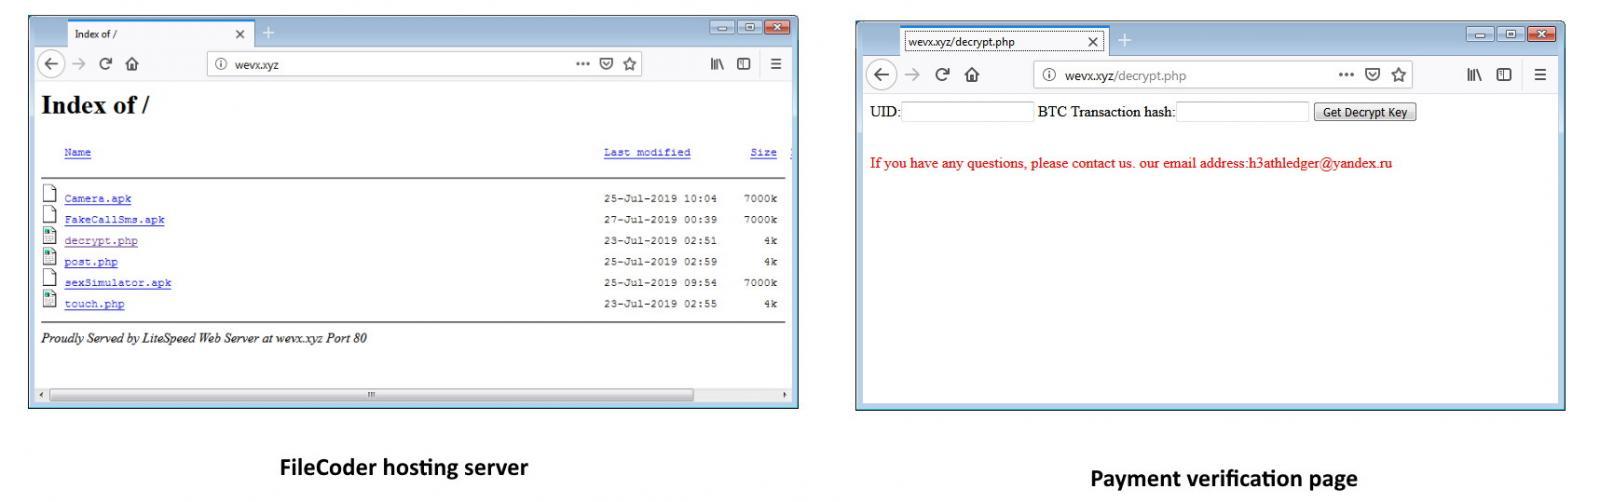 Servidor FileCoder